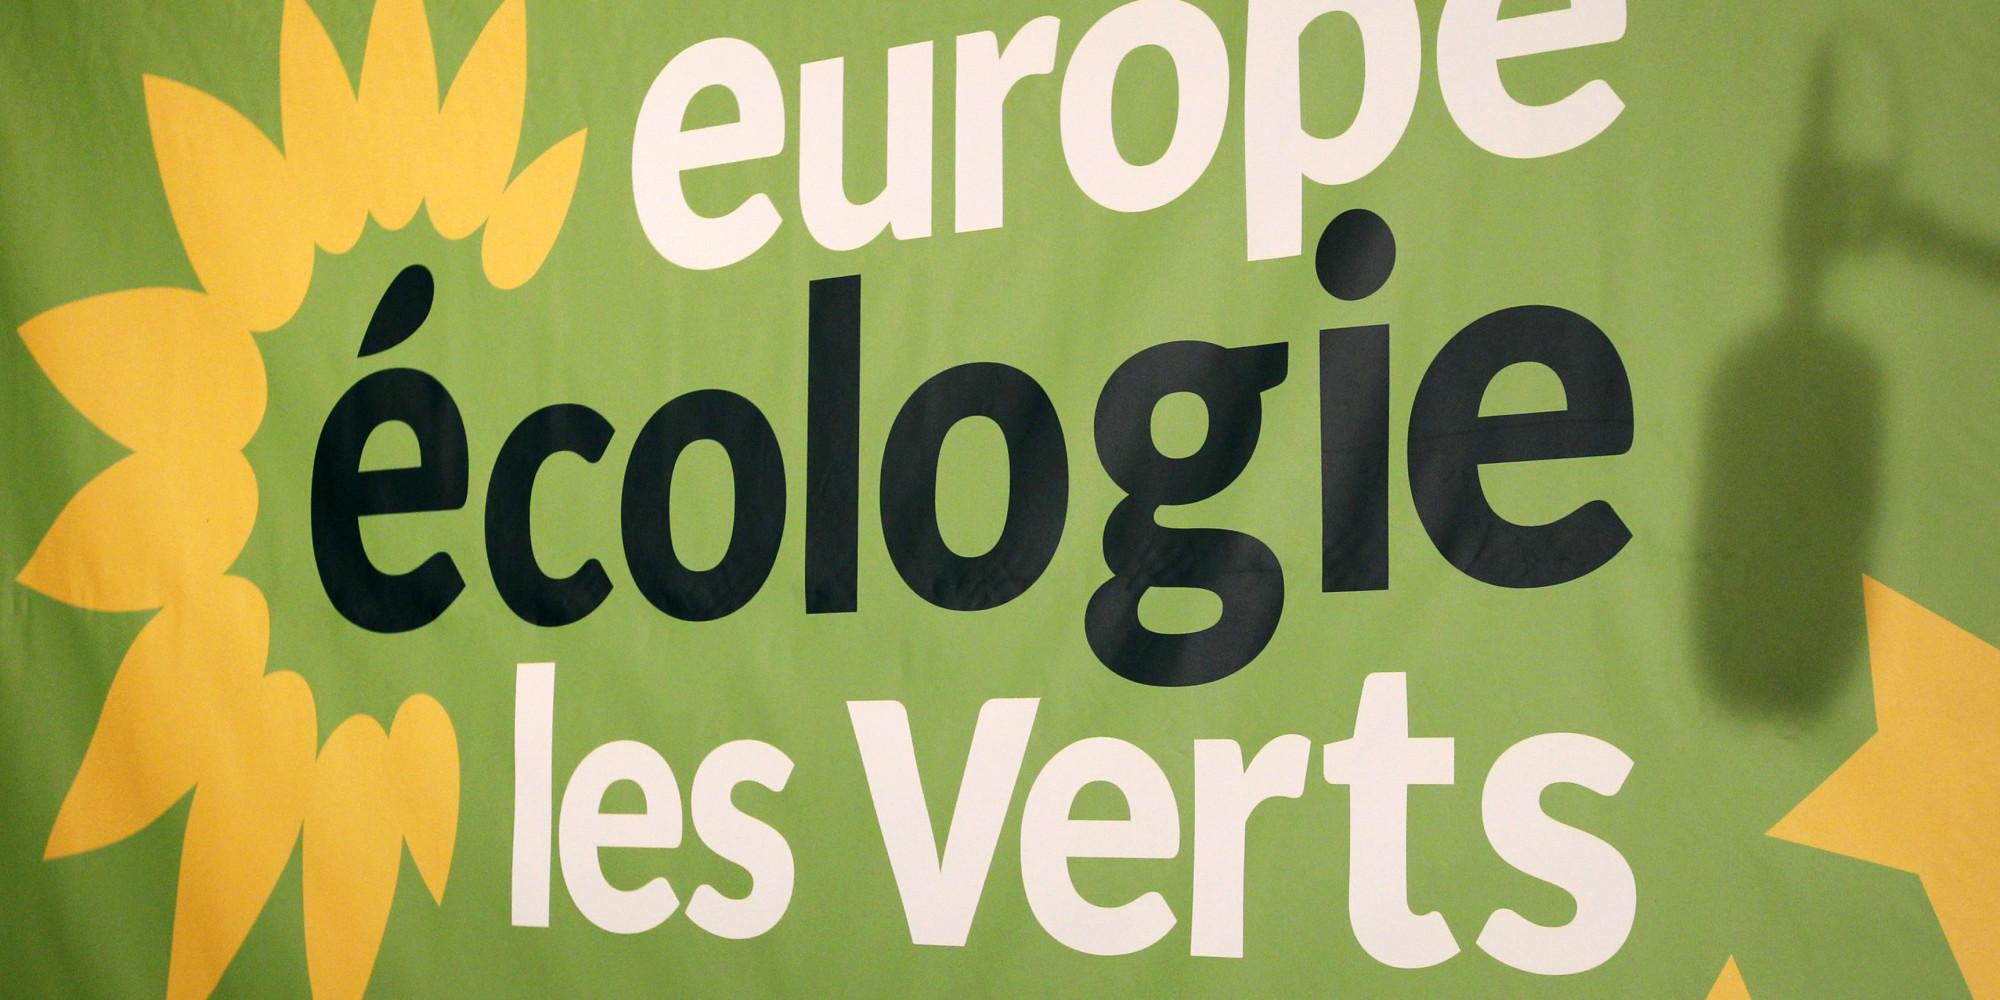 """89,70% des militants d'EELV souhaitent une """"convergence"""" avec Hamon et Mélenchon"""